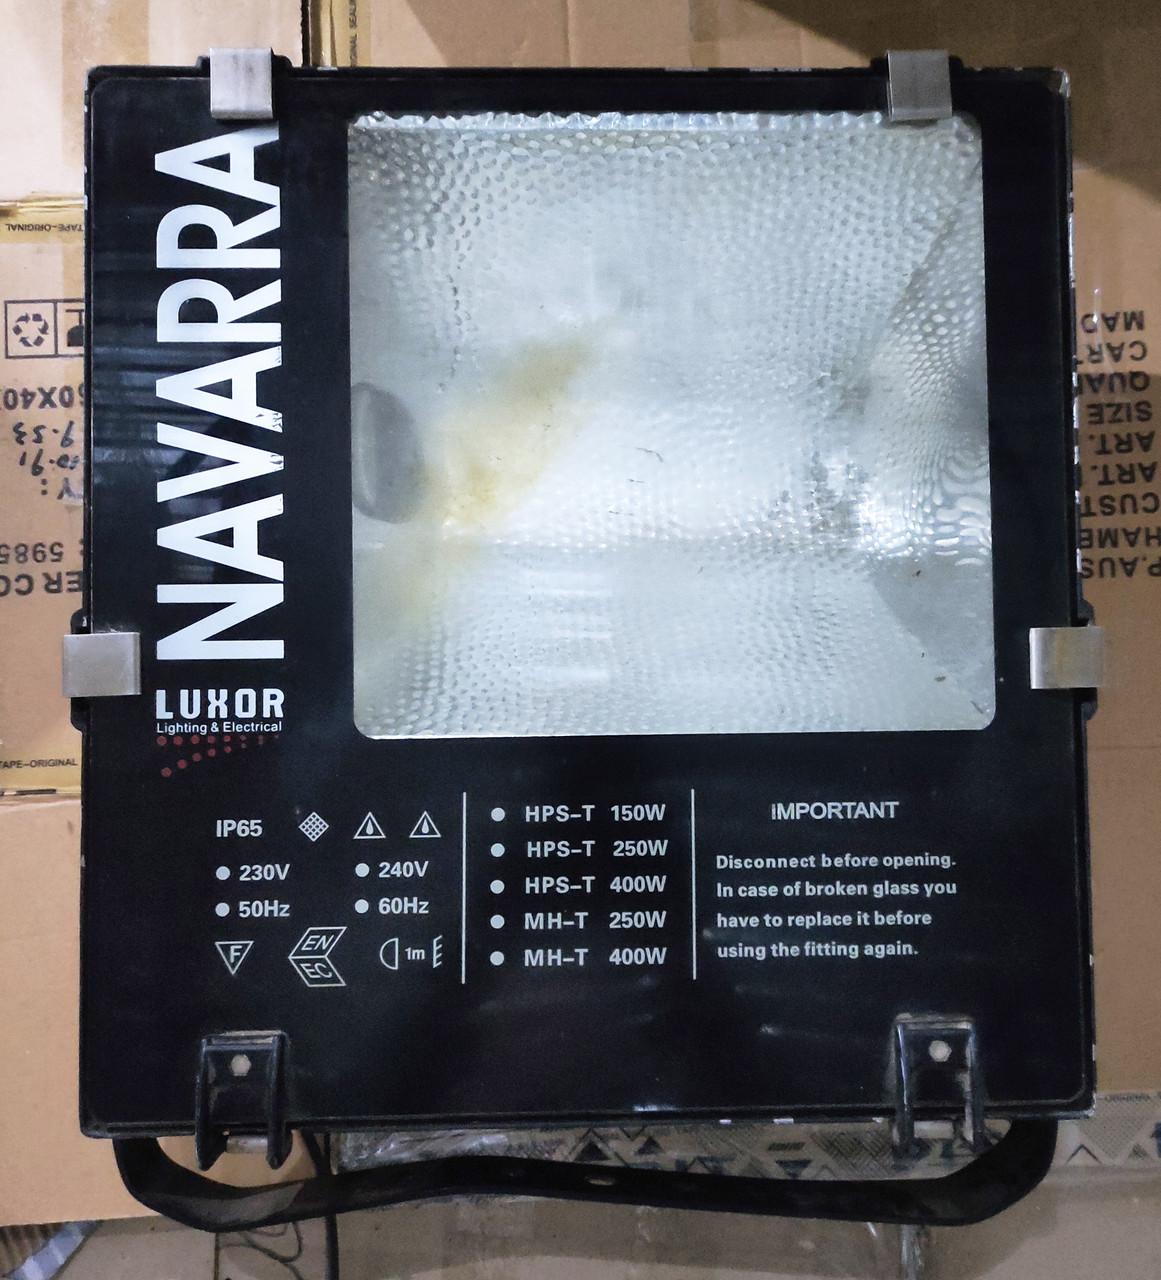 Б/У Прожектор газоразрядный Navarra Lux-NV 400. Navarra 400Вт AS E40 (ДНАТ) (ЖО-400). Прожектор уличный